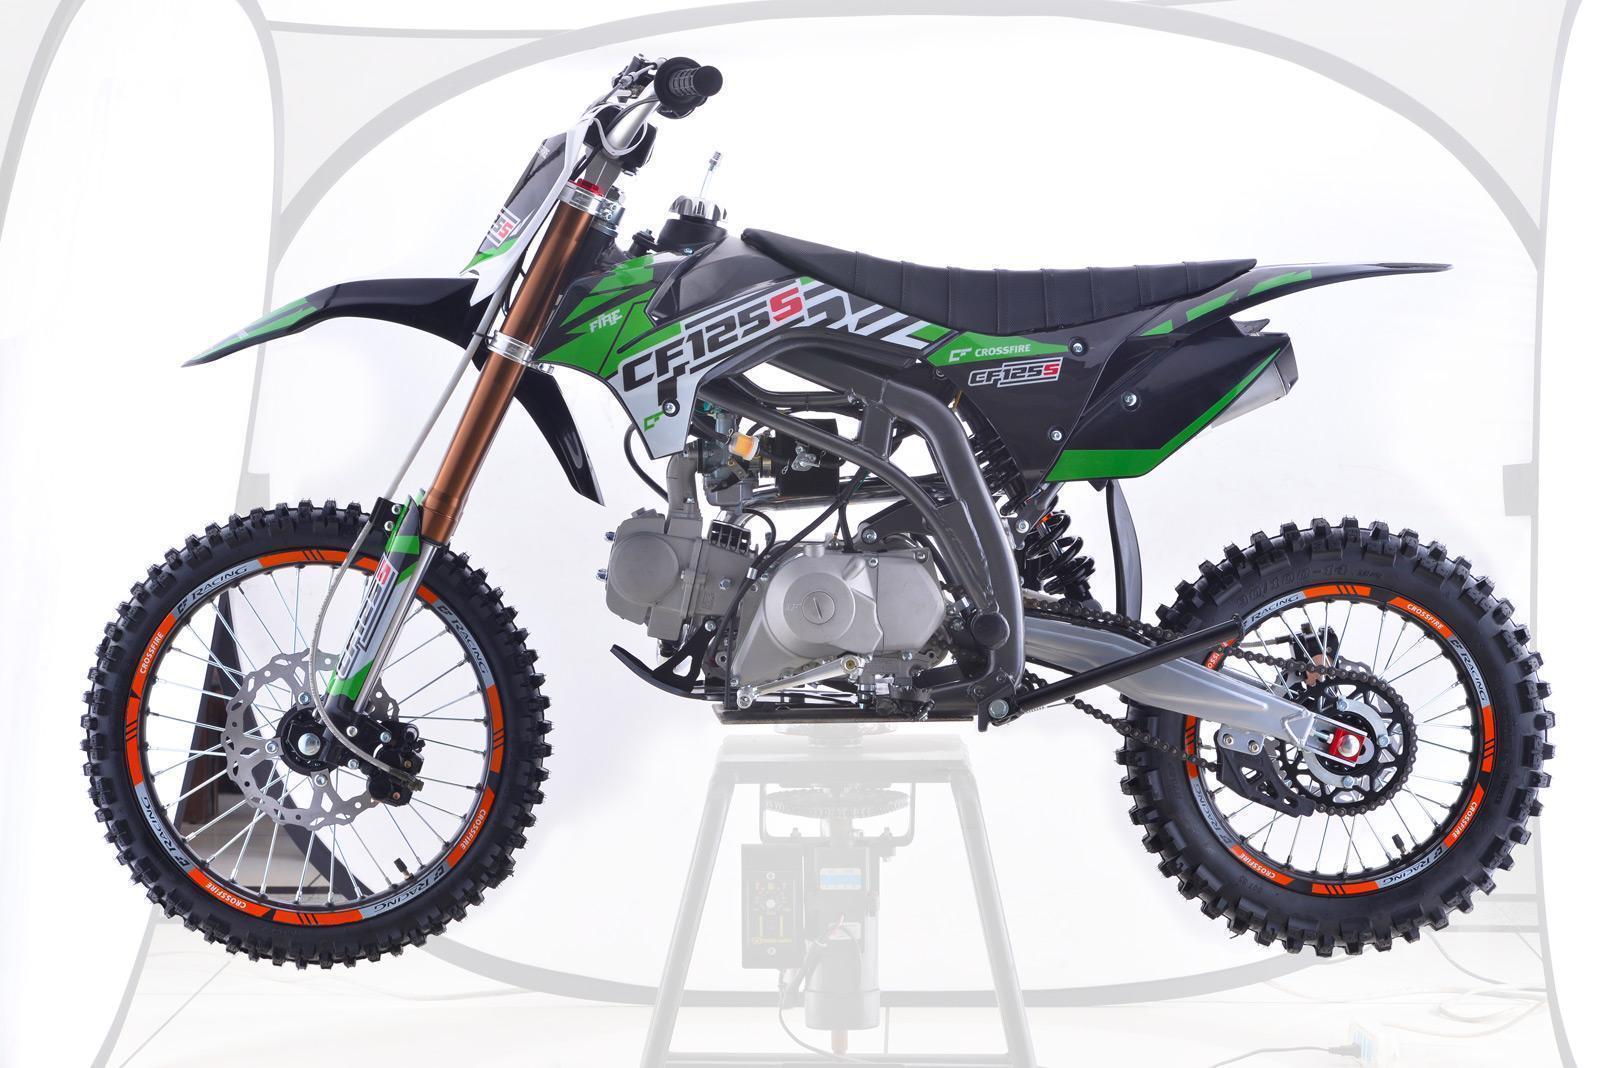 Crossfire CF125S Motorbike Green - dirt bikes store lockyer valley